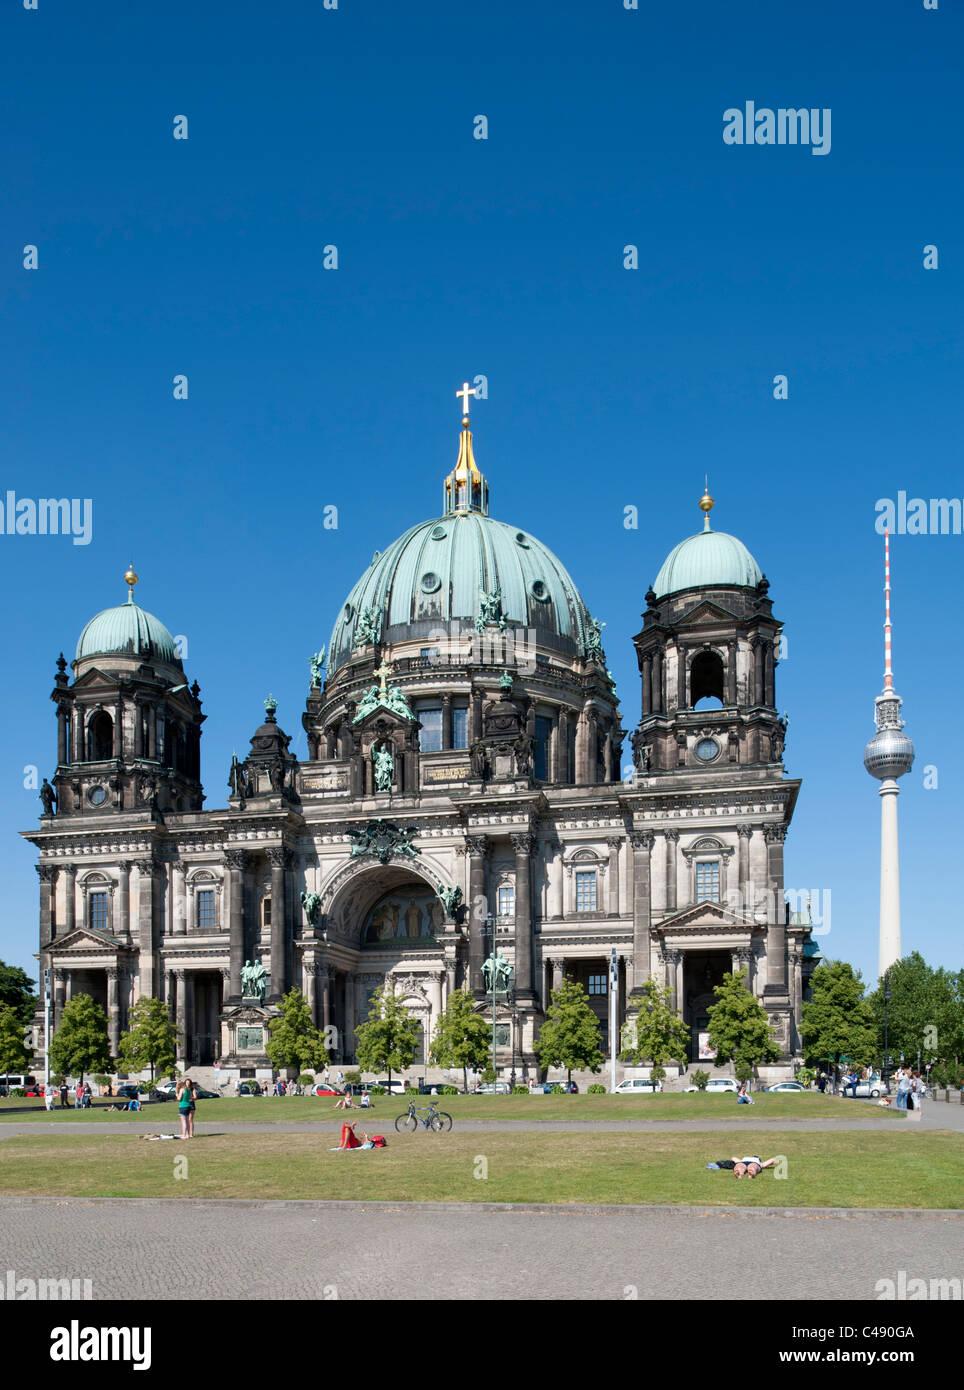 La Catedral de Berlín o Dom en el distrito Mitte de Berlín, Alemania Imagen De Stock